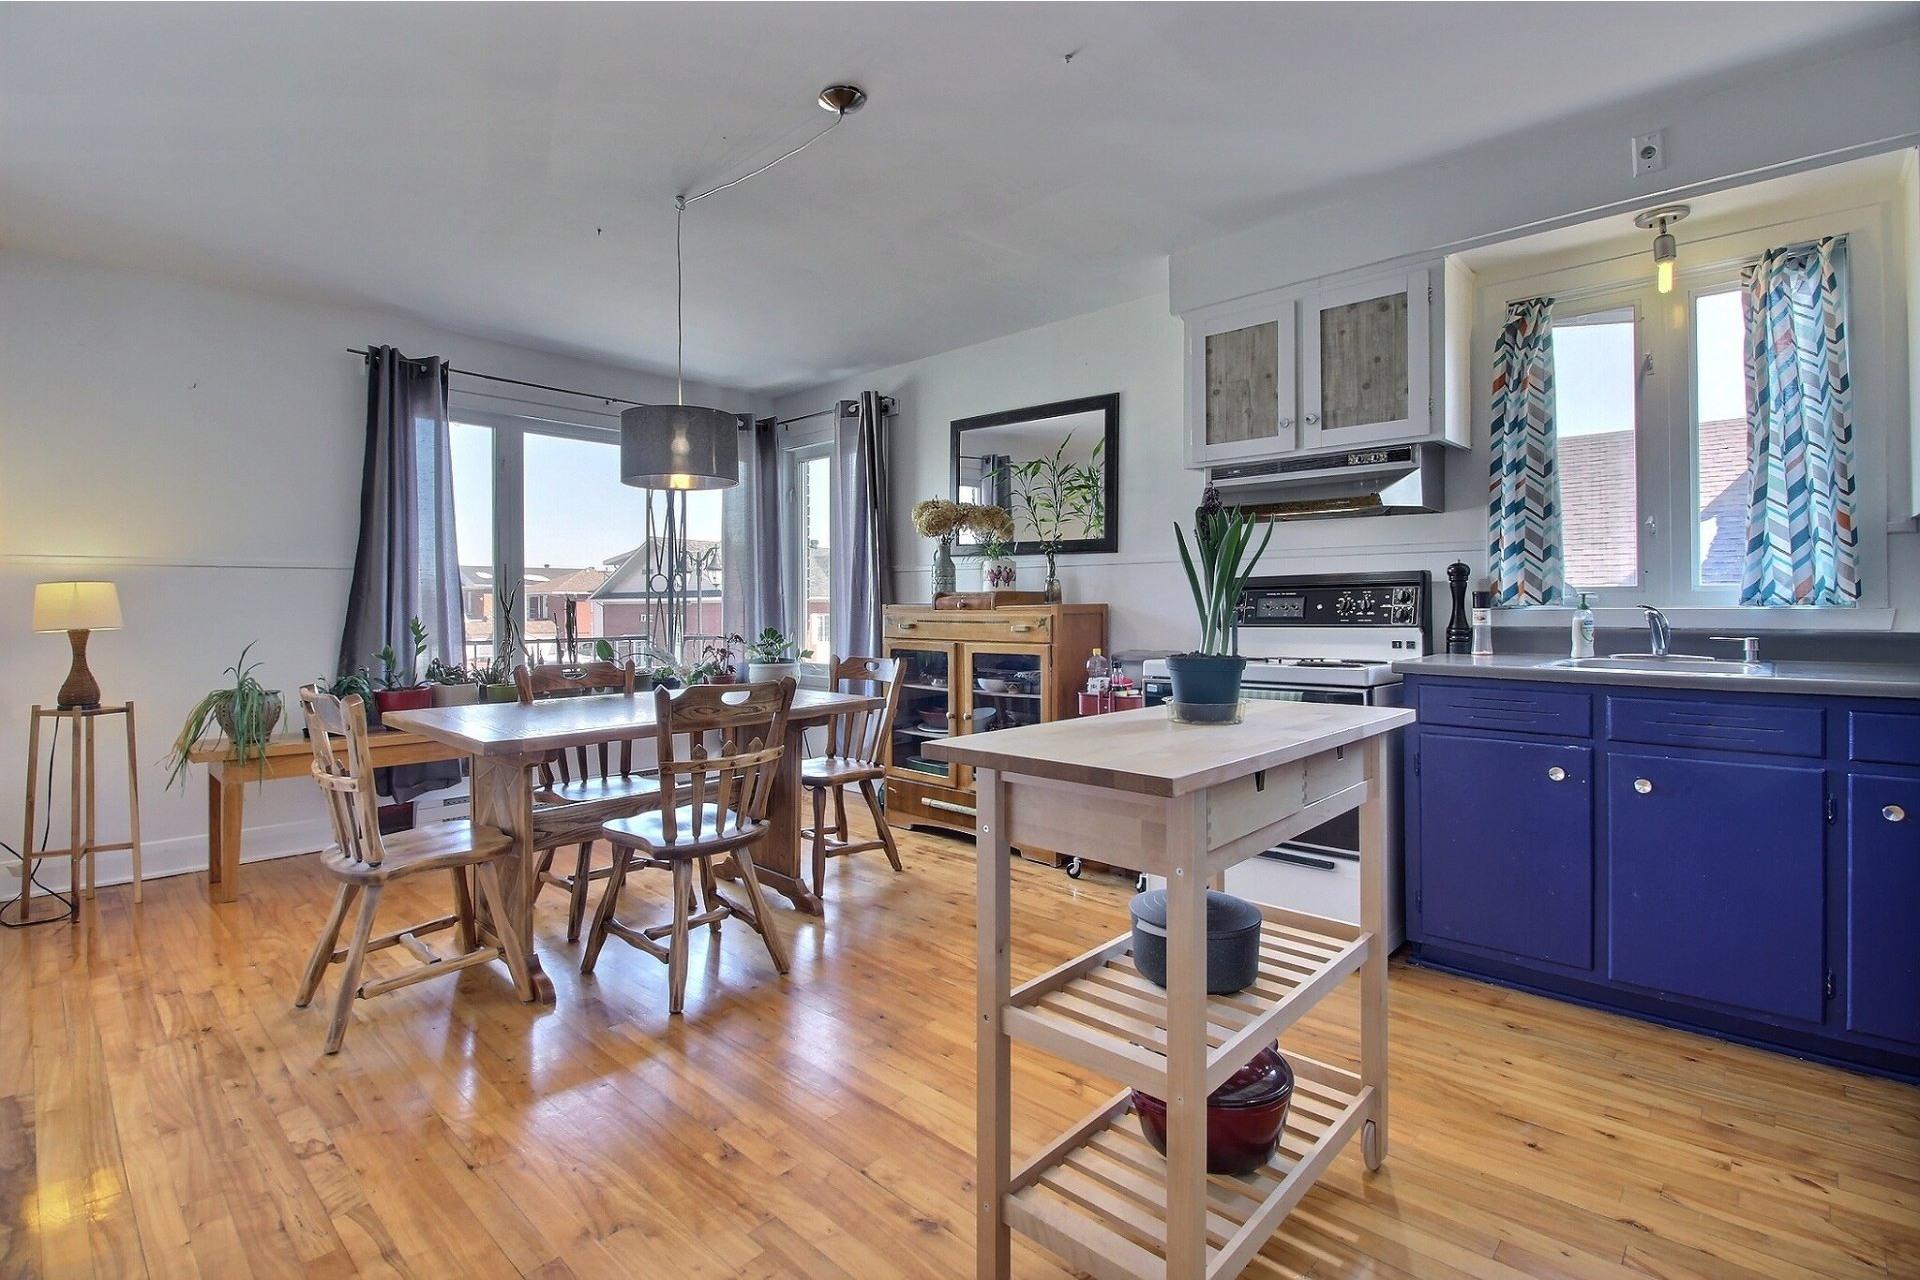 image 1 - Duplex For sale Joliette - 5 rooms